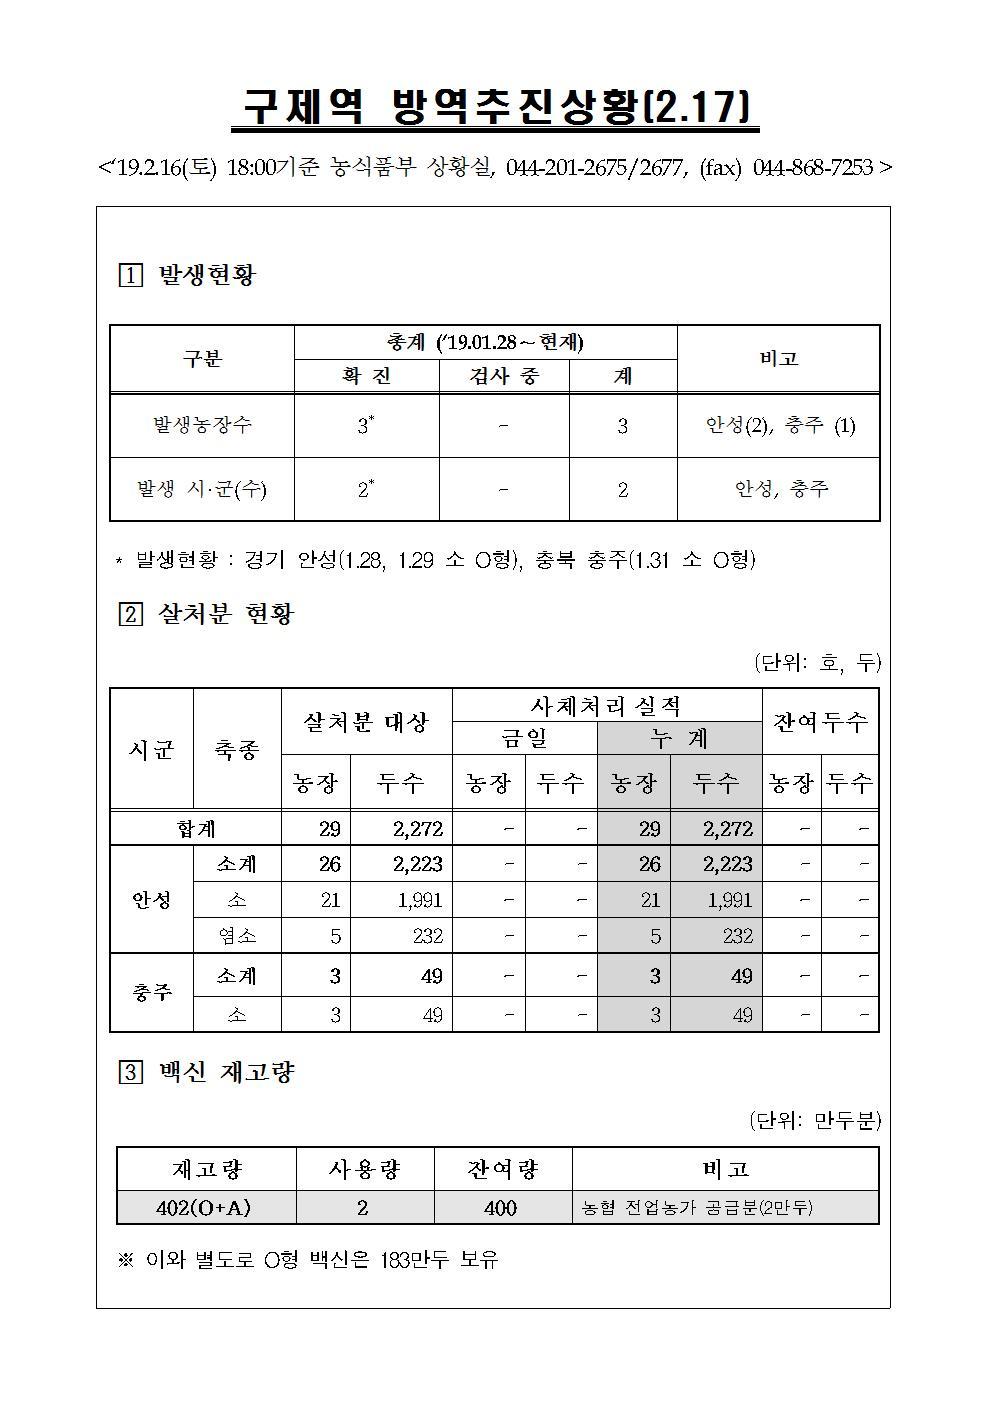 190217 구제역 방역 추진상황.jpg